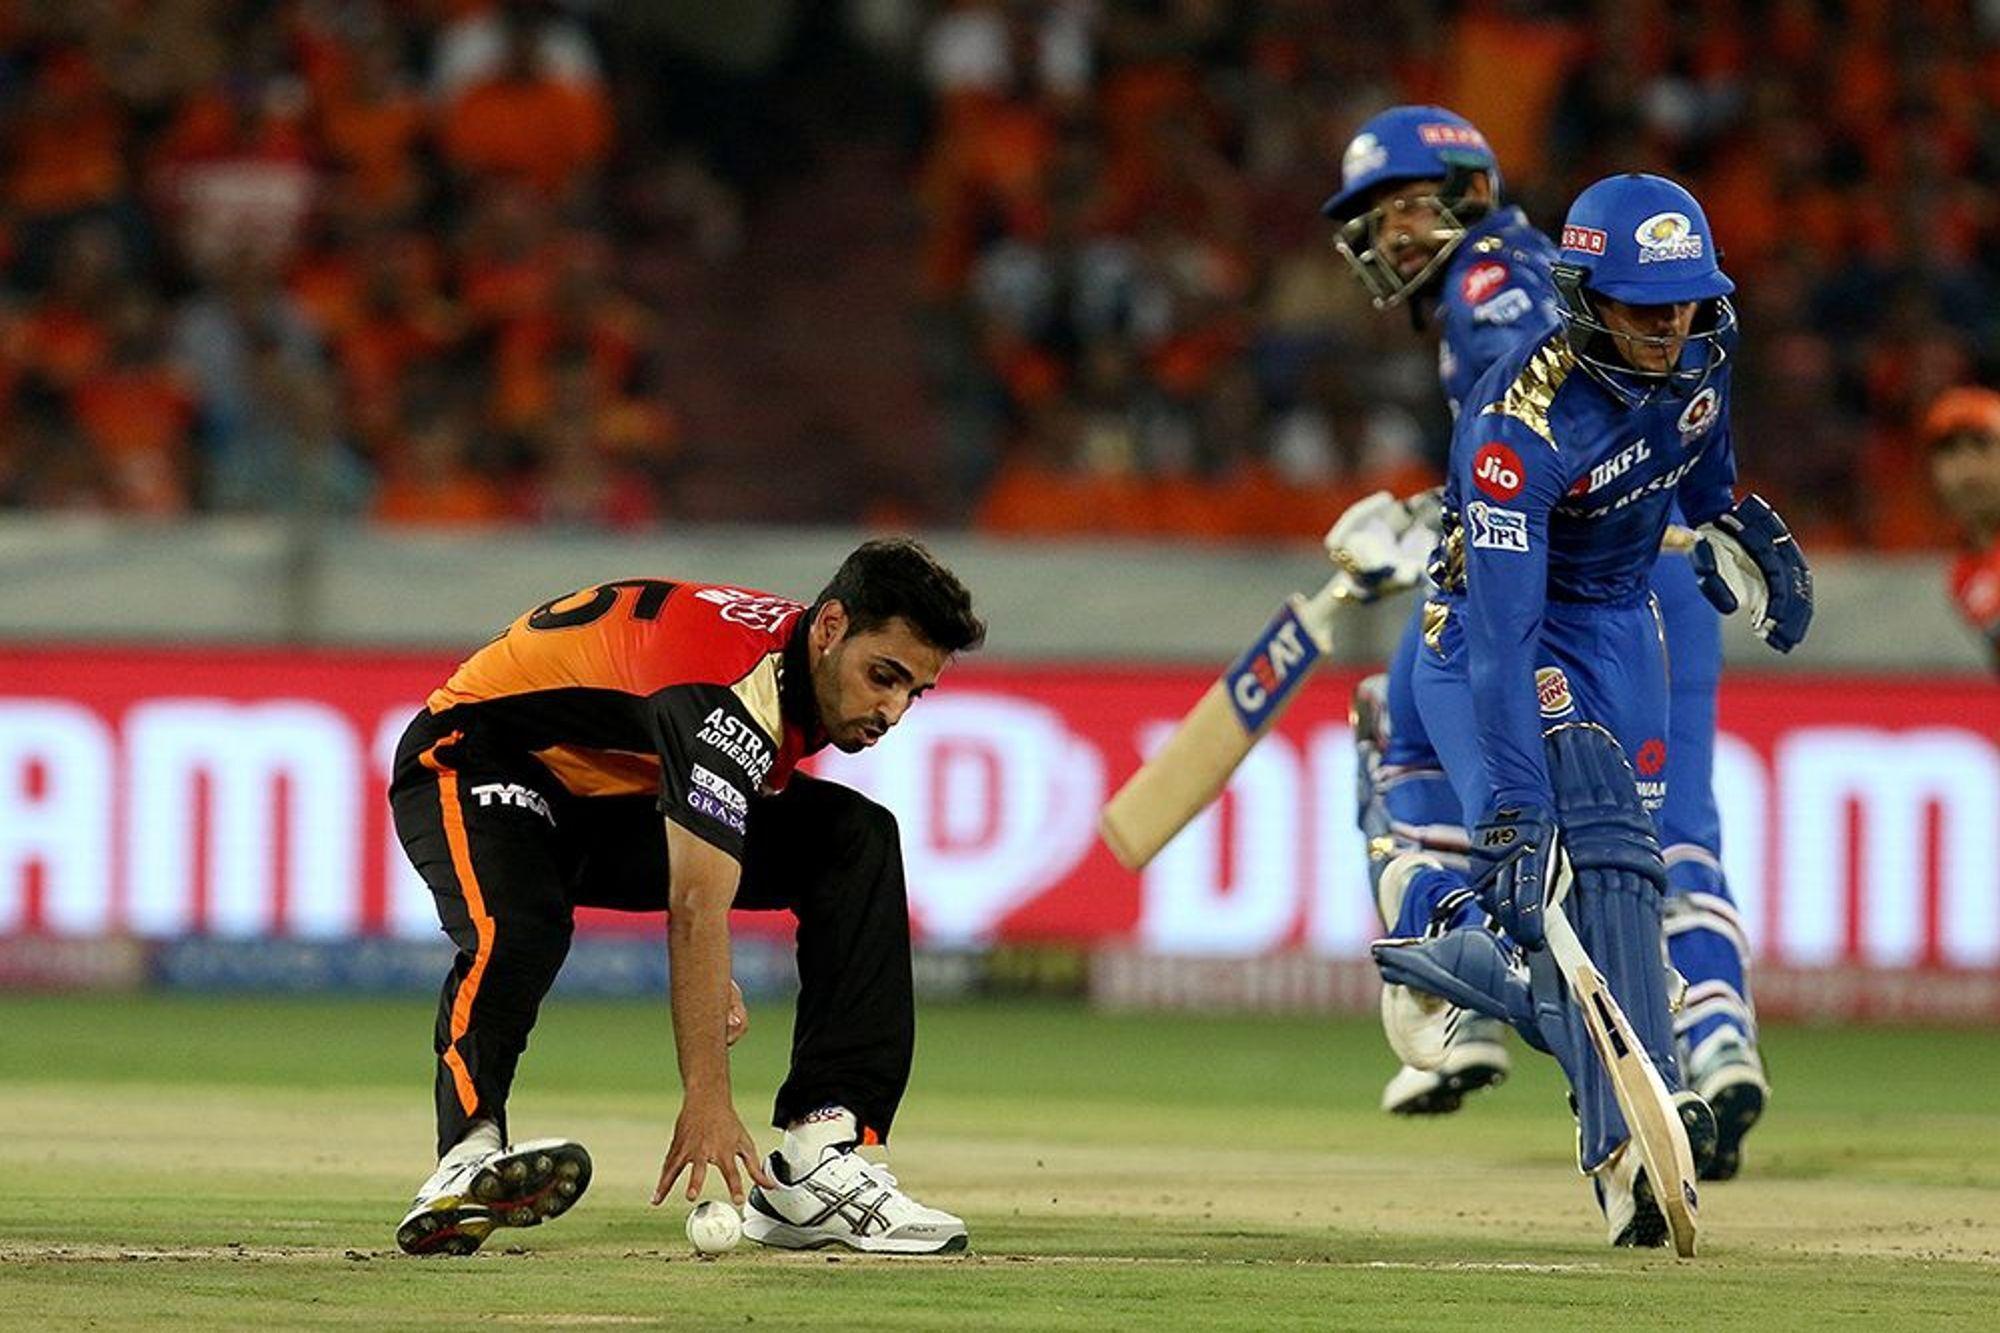 SRHvsMI: सनराइजर्स हैदराबाद की हार के बाद उठा सवाल, क्या फिक्स था ये मैच, लोगों ने कही ये बात 29